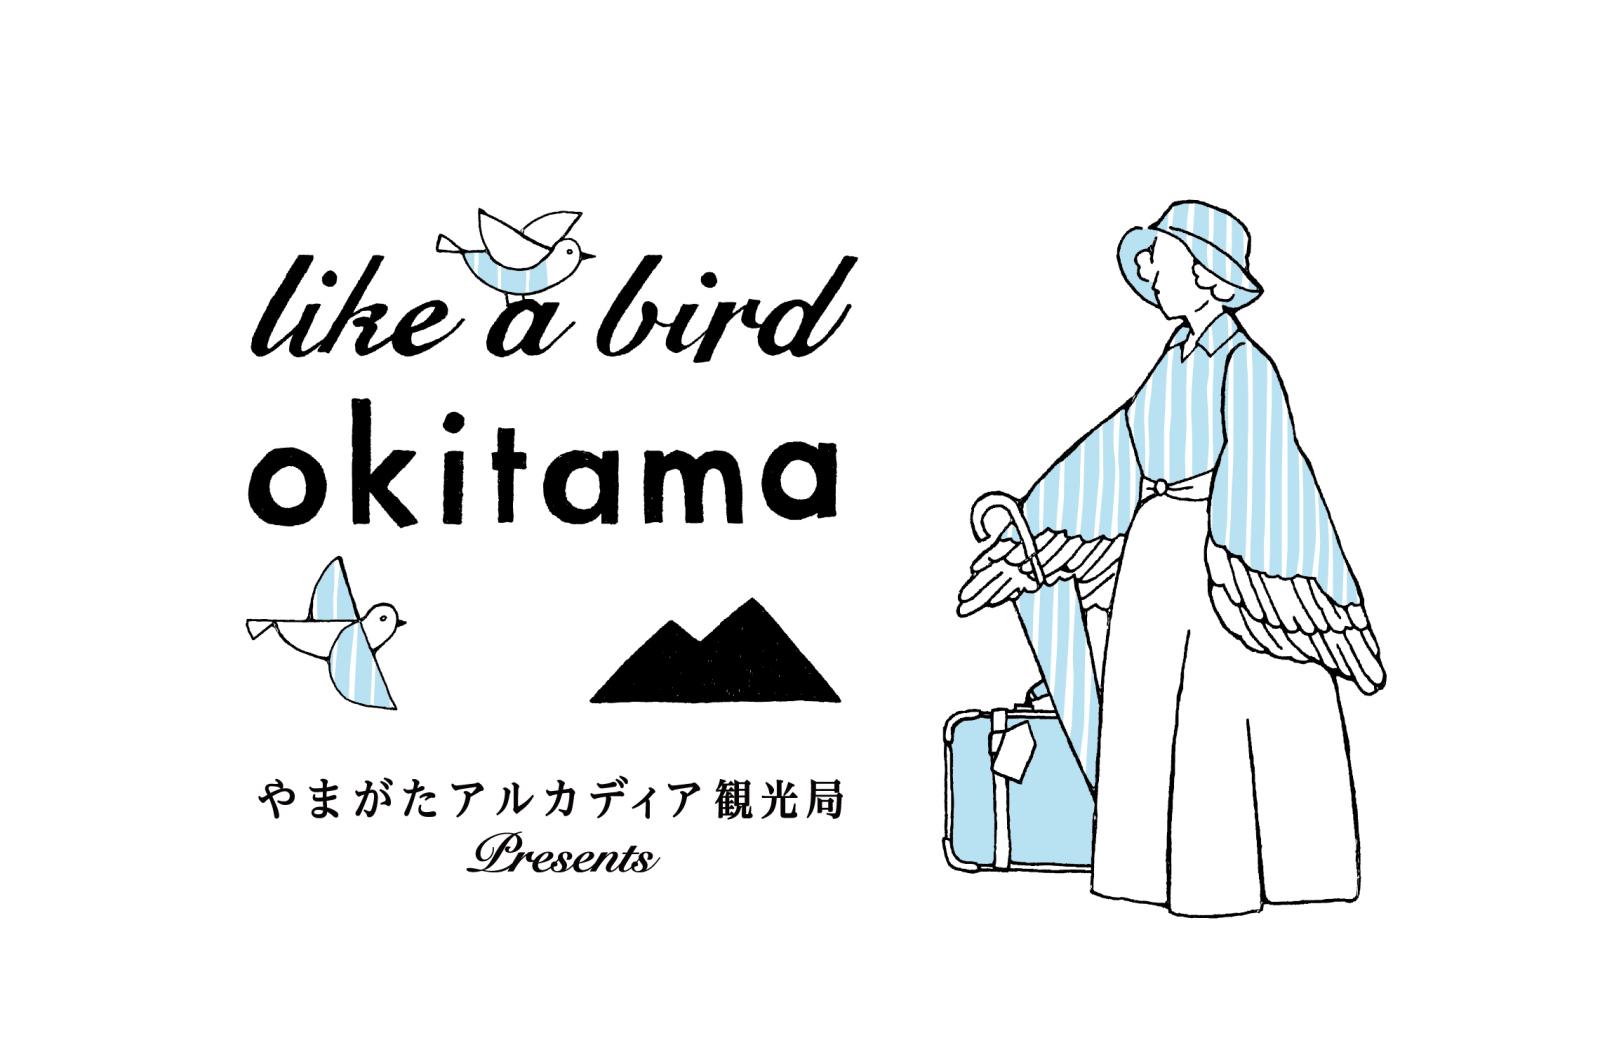 やまがたアルカディア観光局presents ライク・ア・バードokitama